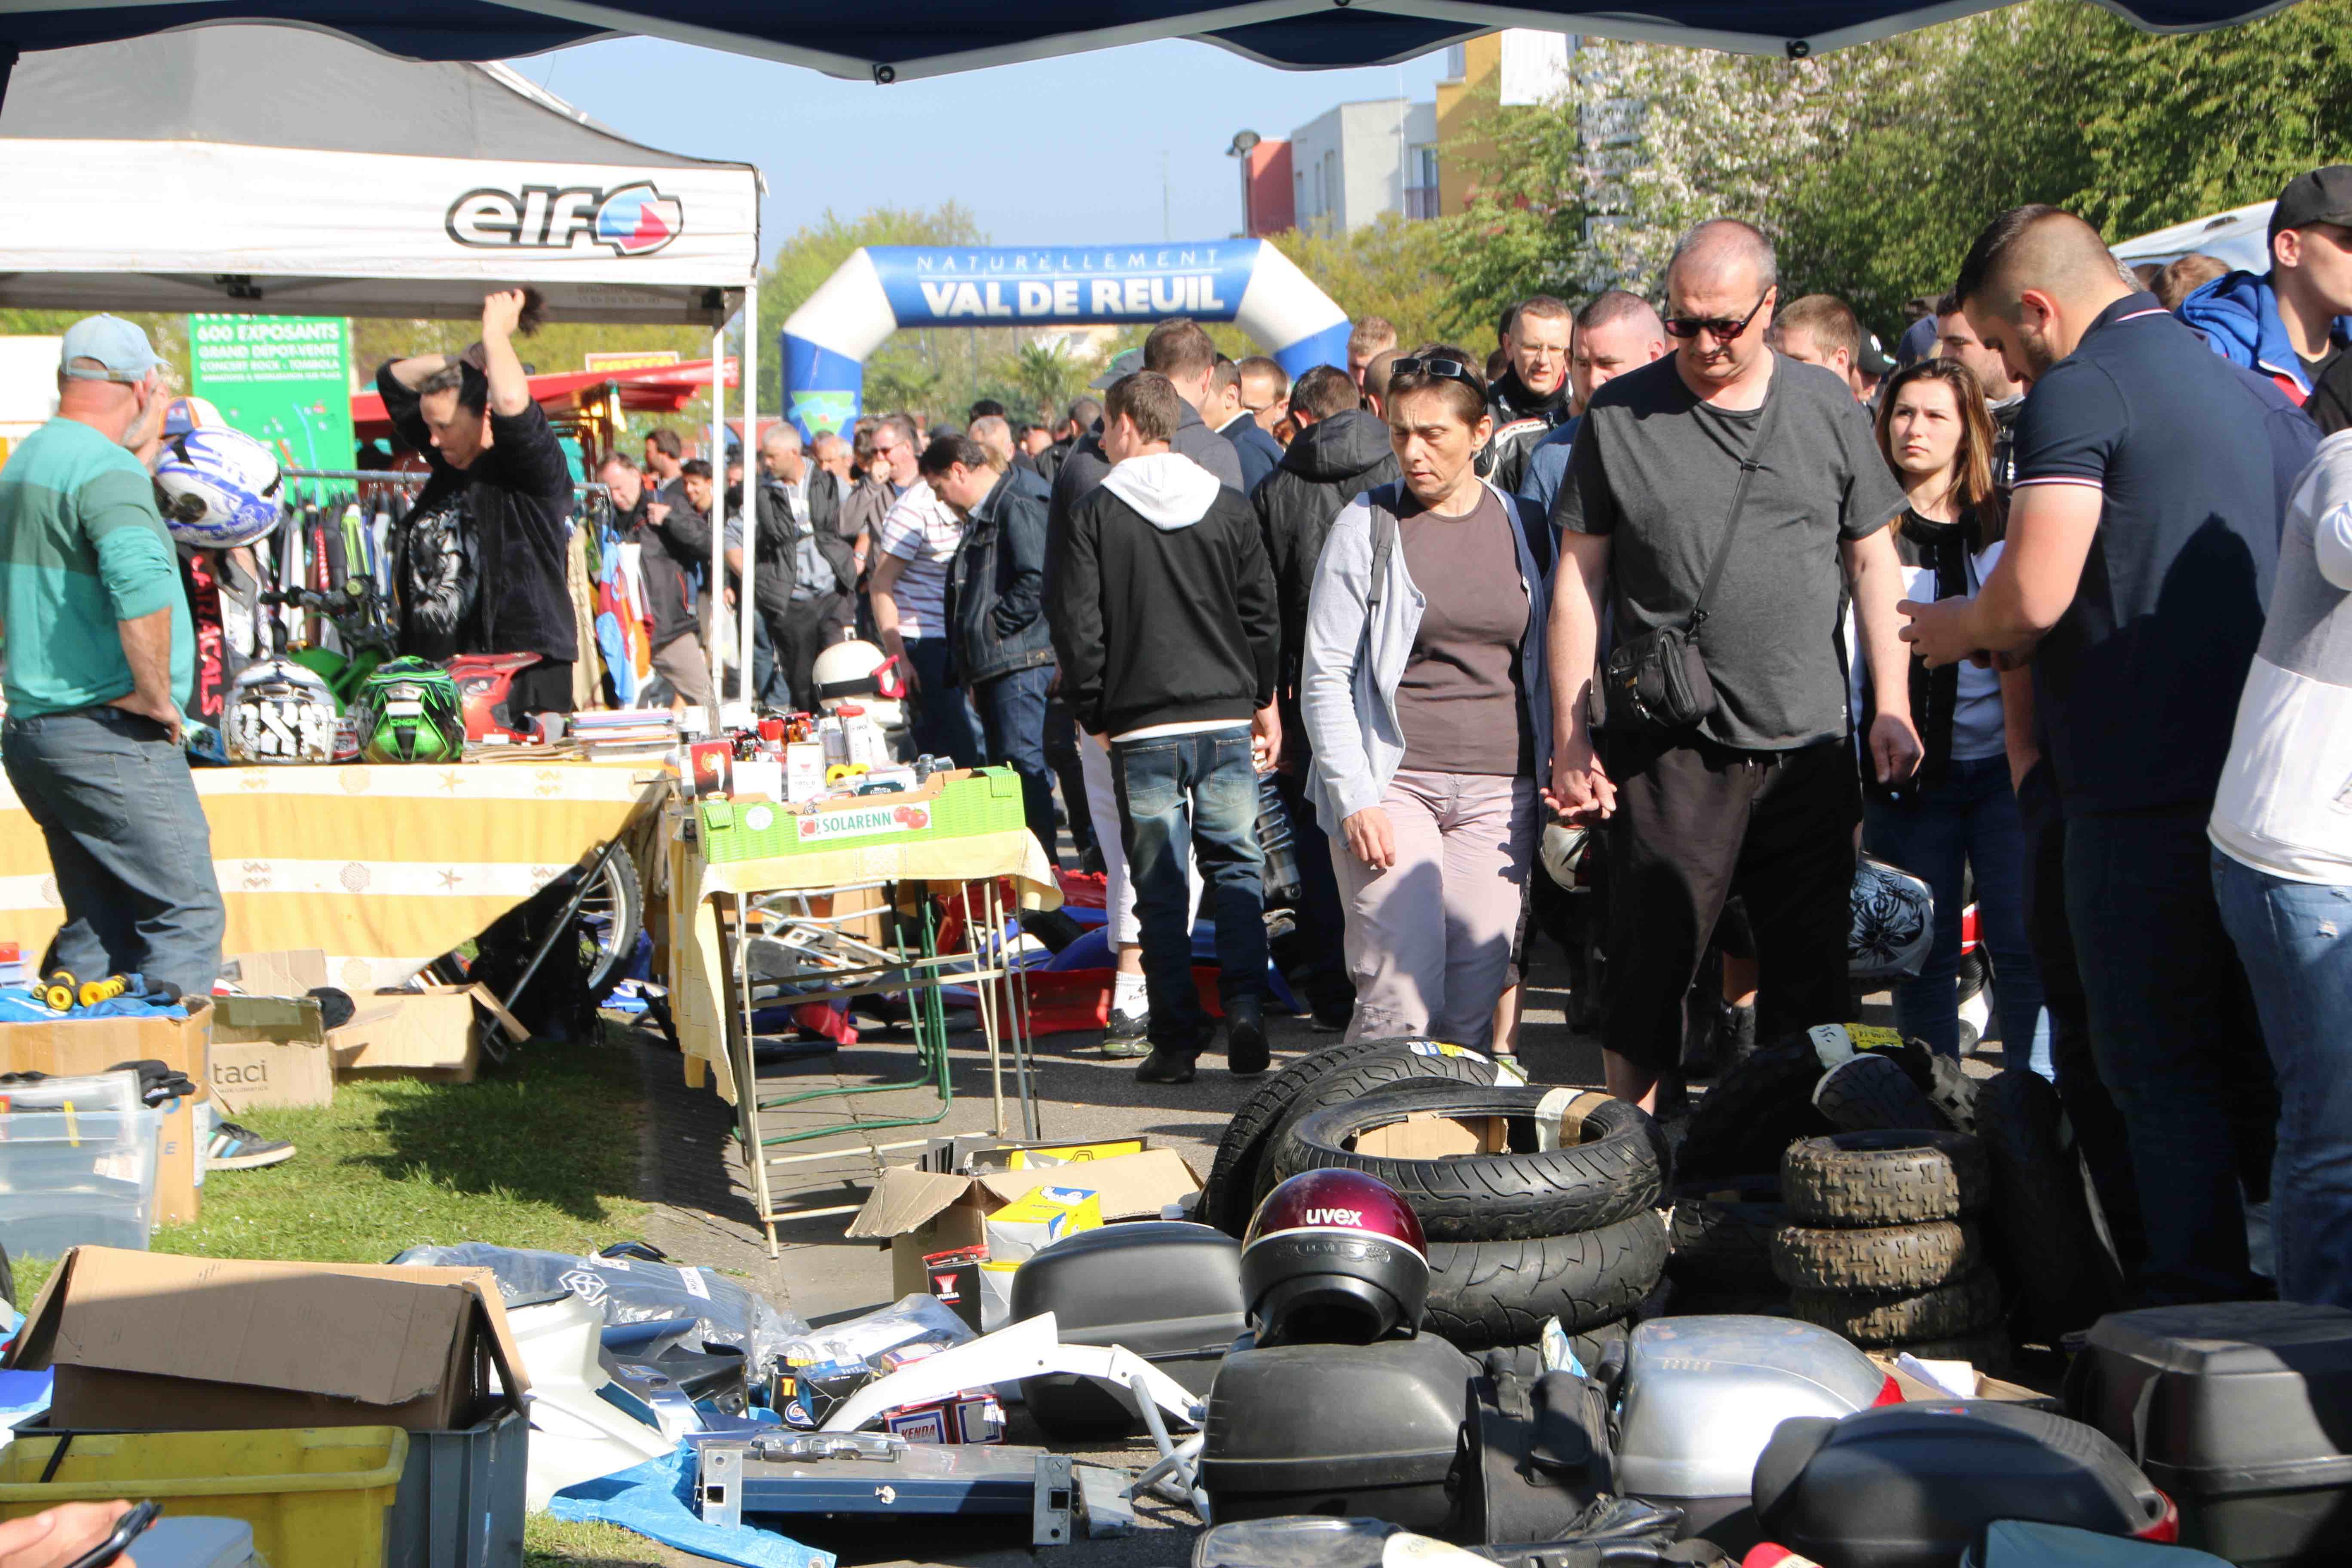 les plus grandes puces motos gratuites de France : 600 exposants au total (venus de tout l'hexagone) répartis sur 4 km de voirie